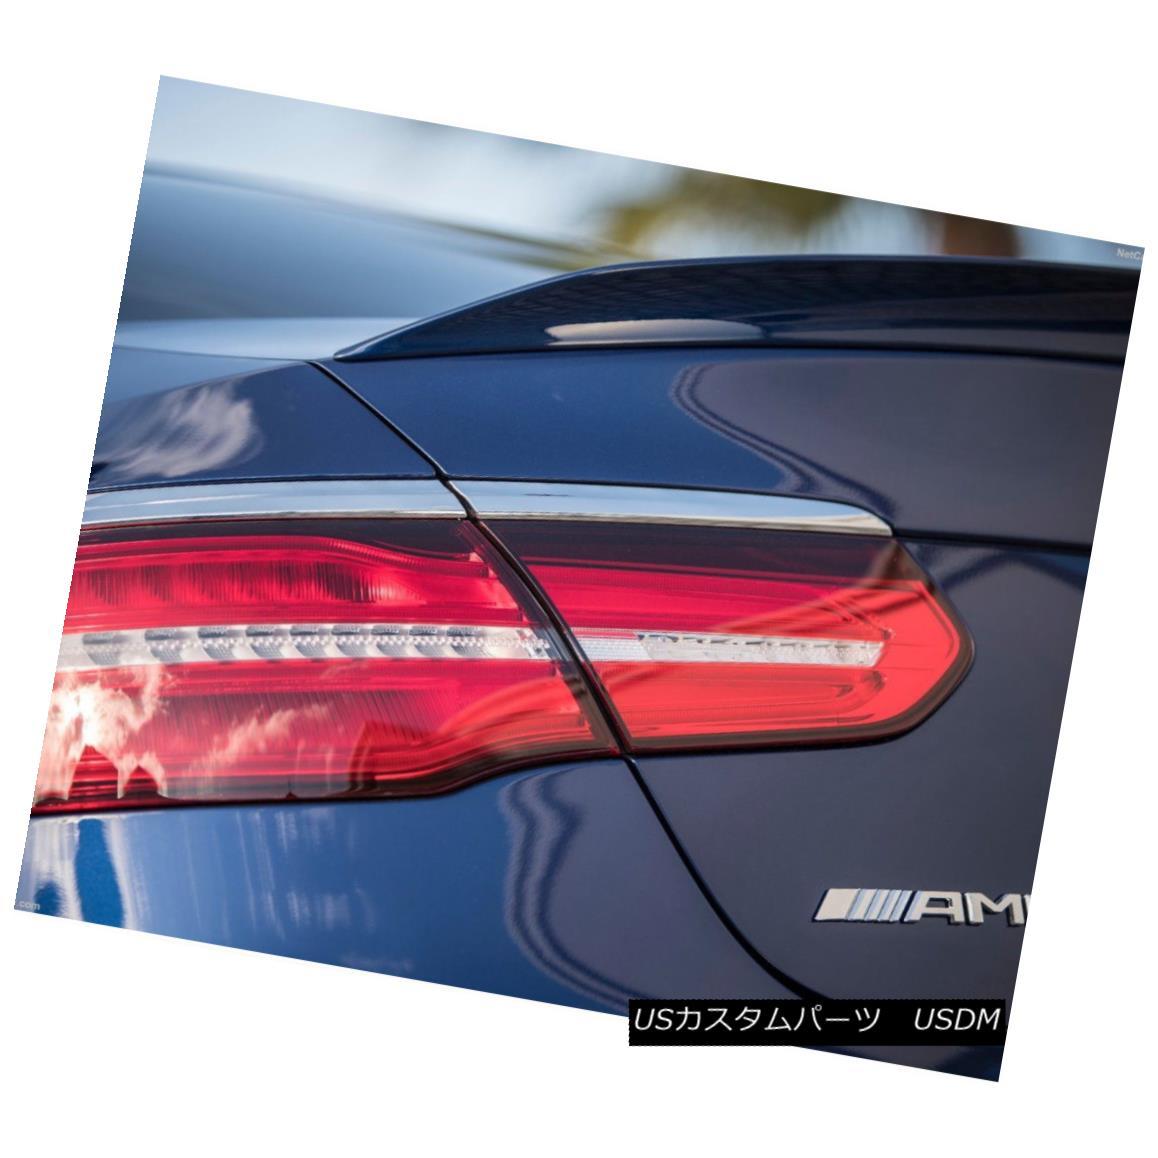 エアロパーツ New ABS A Look Painted Trunk Spoiler Wing For M-Benz GLC class C253 Coupe 4-door M-Benz GLCクラスC253クーペ4ドア用新型ABSルック塗装トランク・スポイラー・ウィング